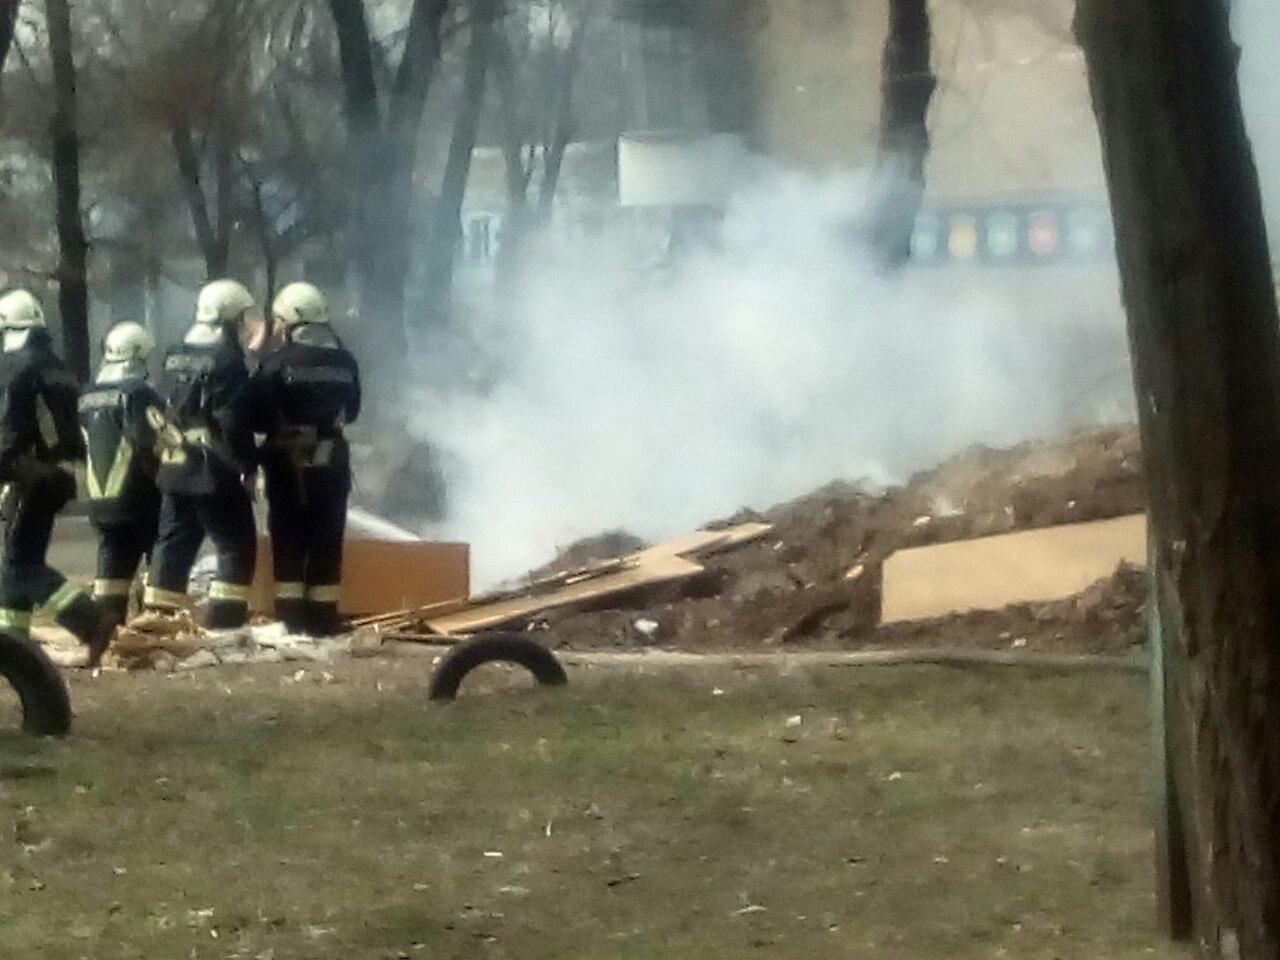 В центре Запорожья произошел пожар из-за неубранной прошлогодней листвы - ФОТО